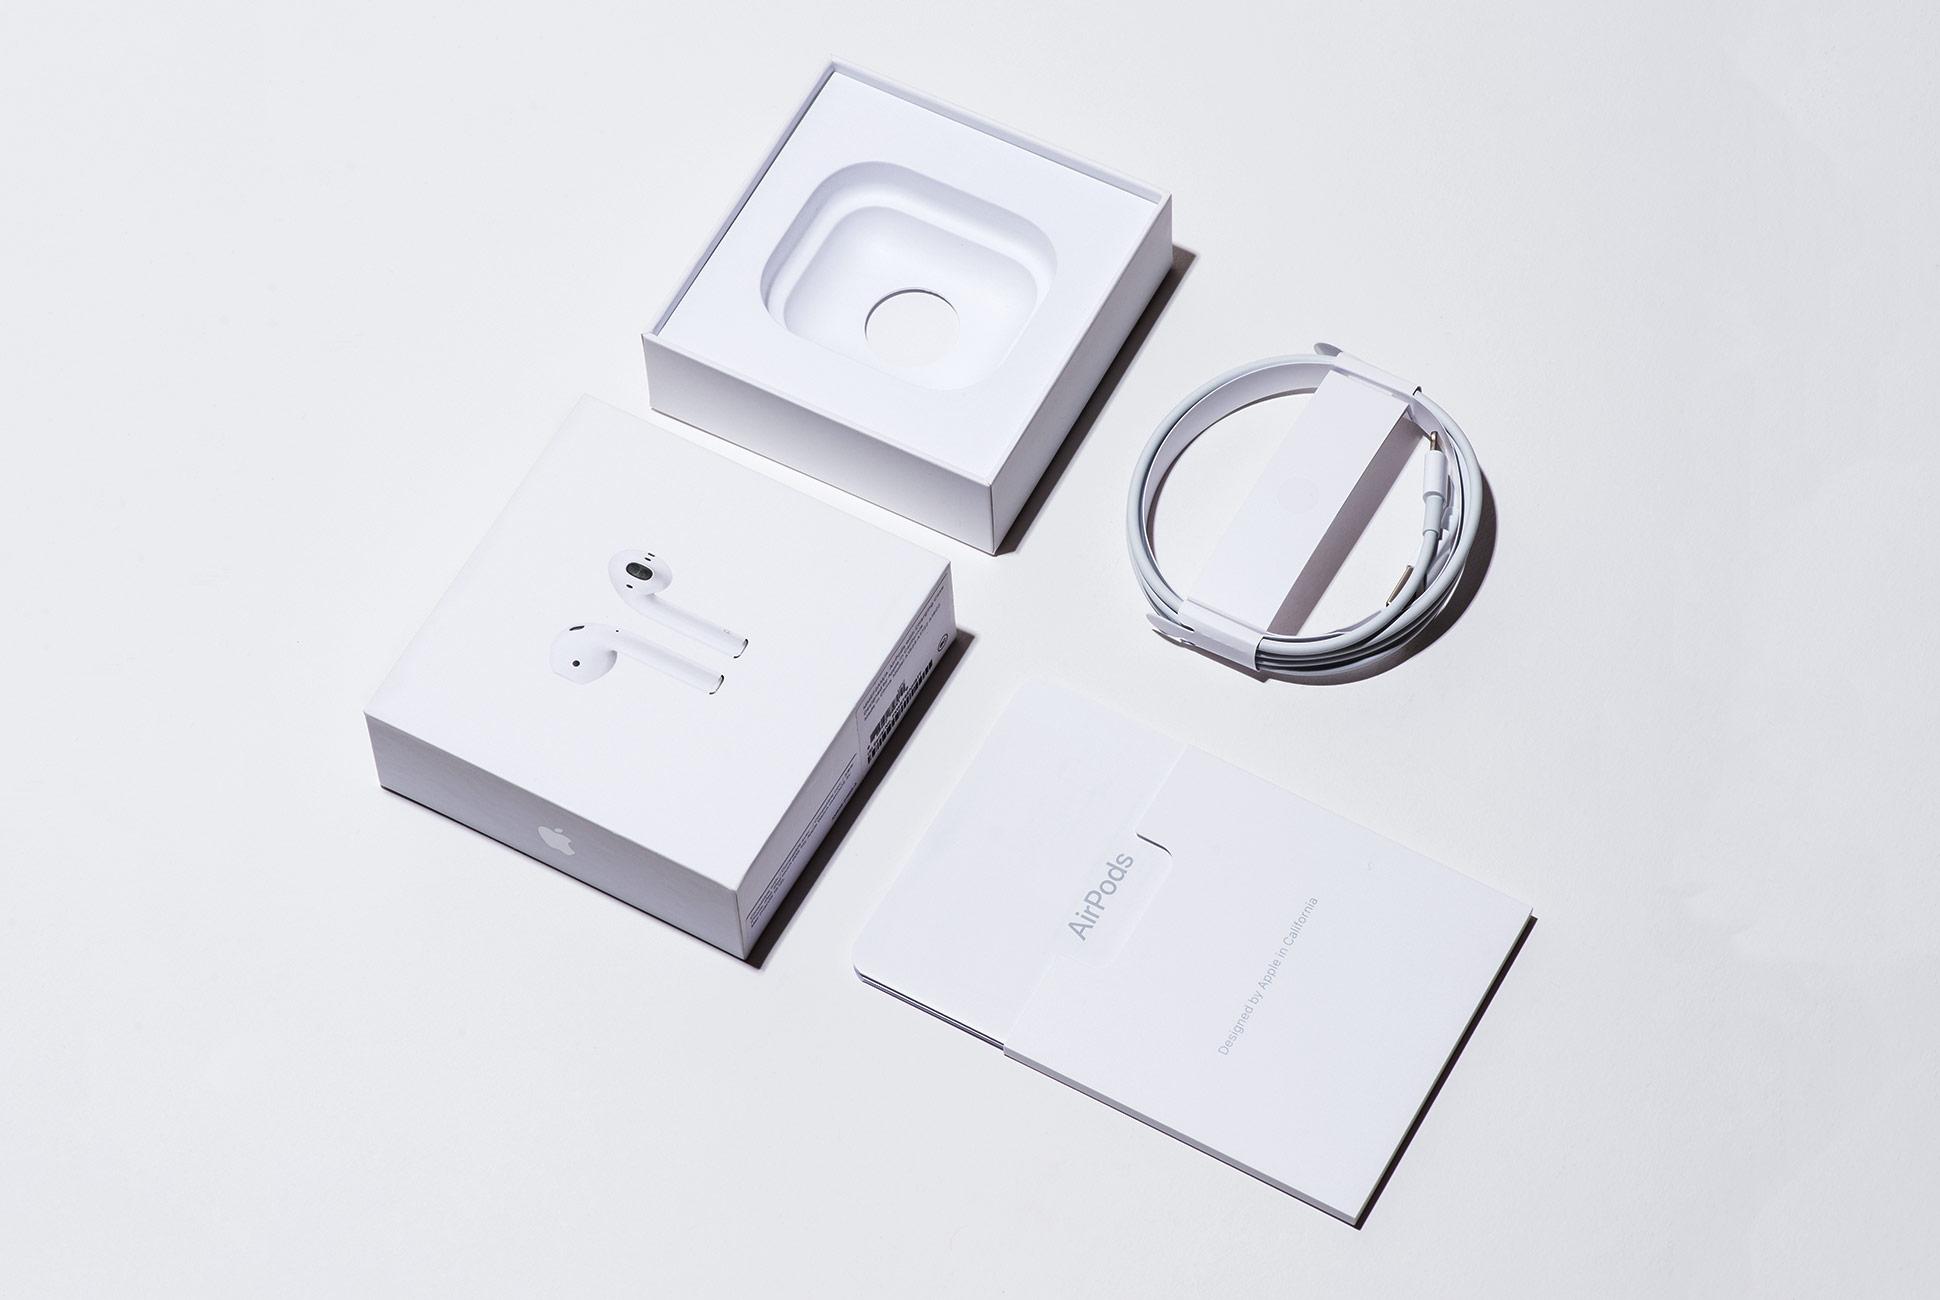 Apple-Airpod-Packaging